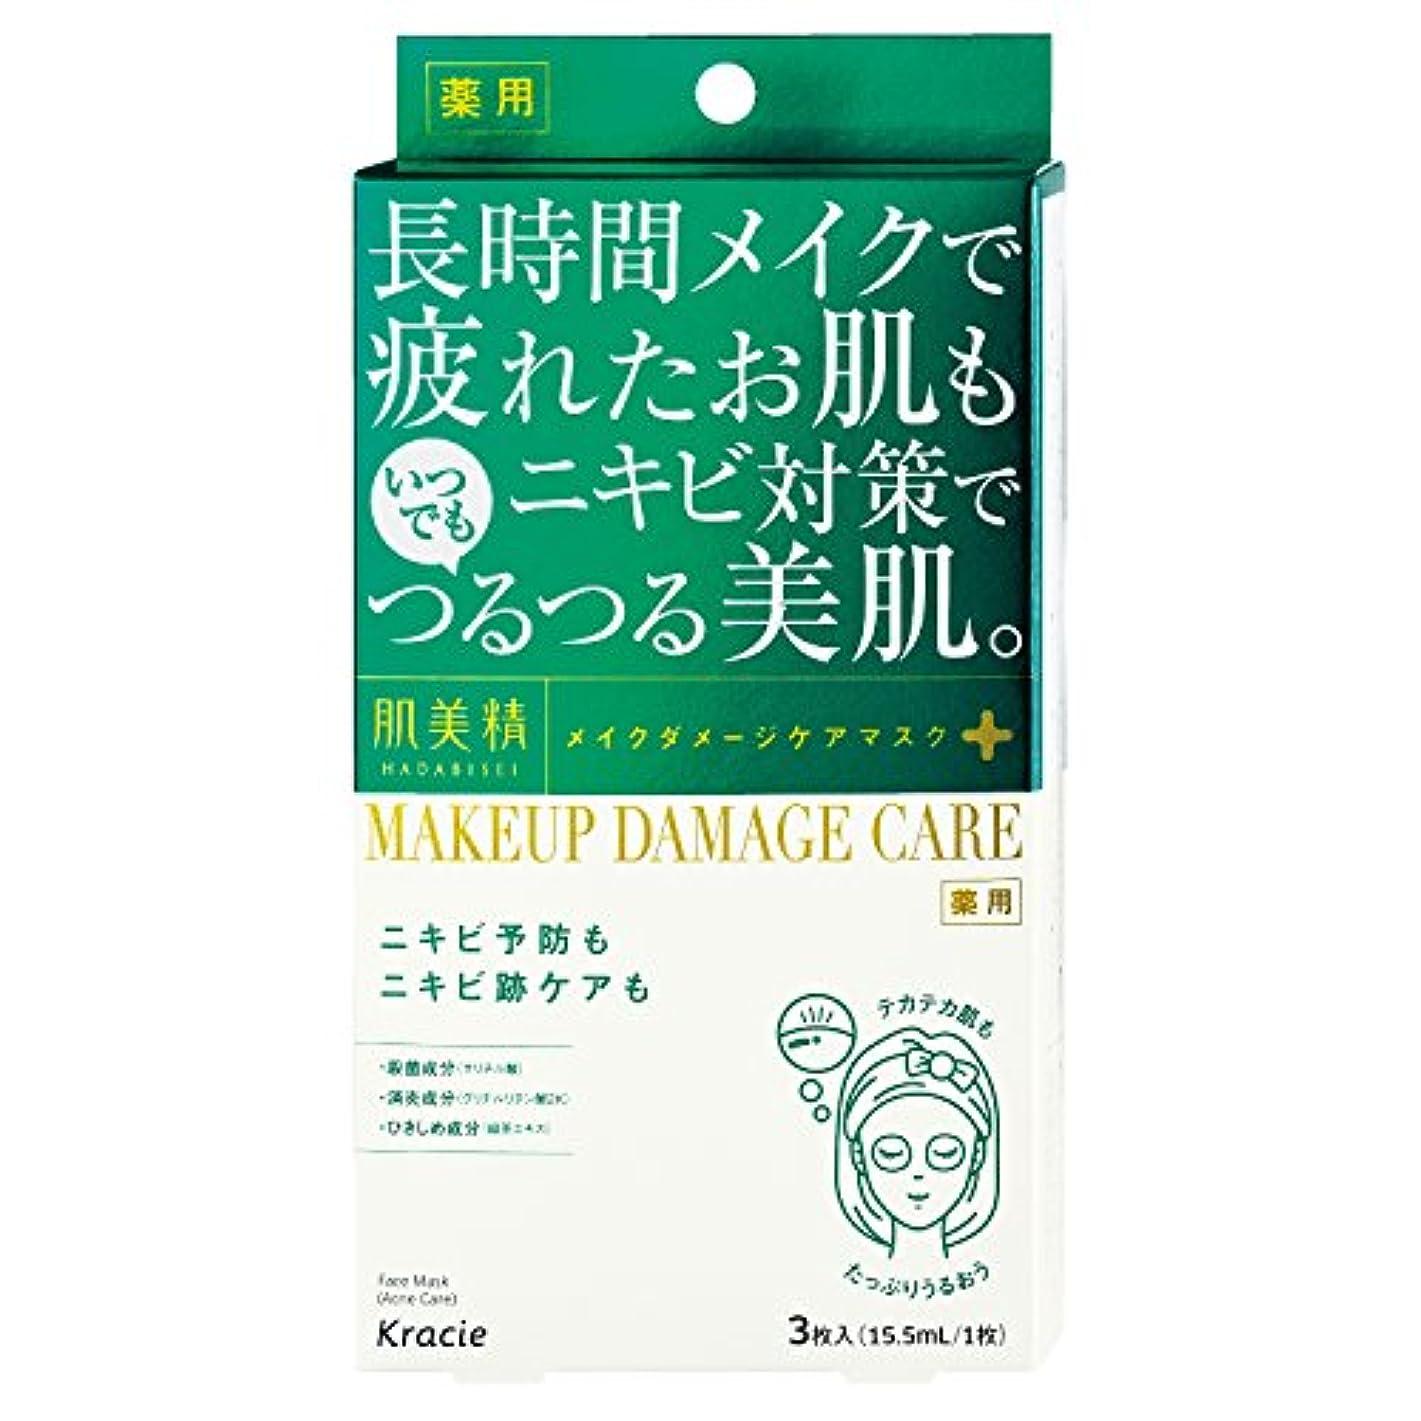 引き出し上がる懸念肌美精 ビューティーケアマスク(ニキビ) [医薬部外品] 3枚